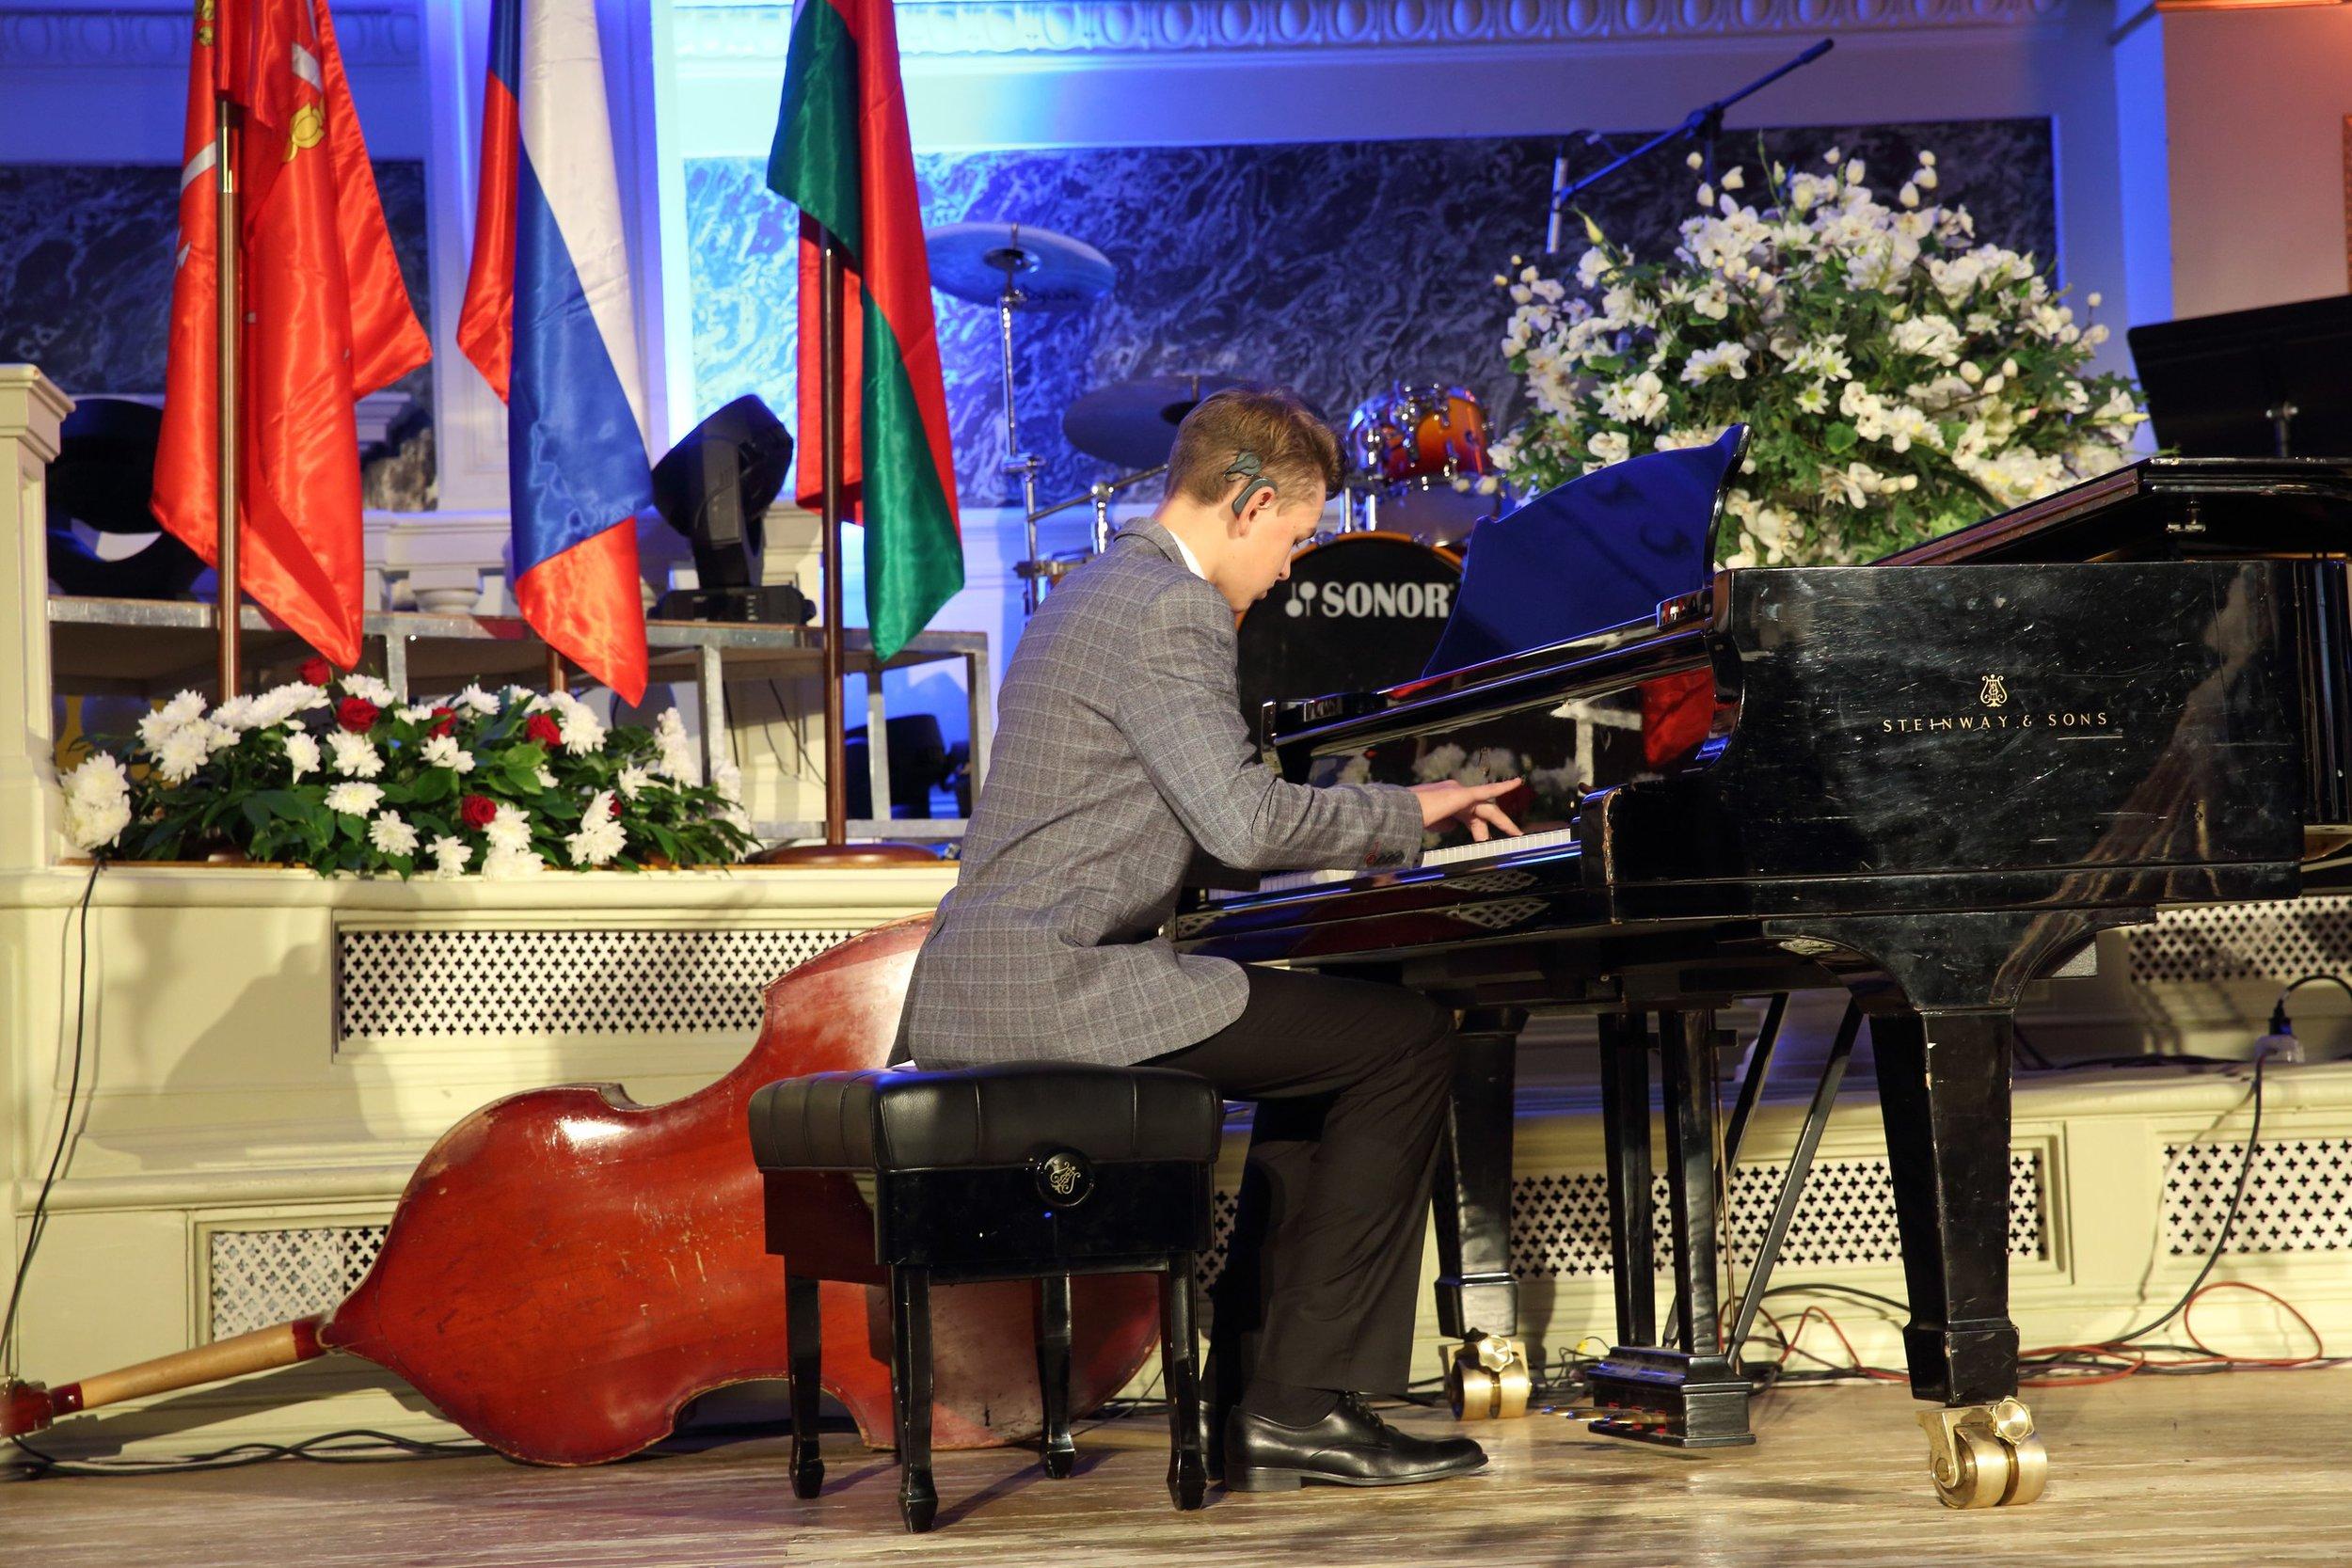 Участник фестиваляДаниил Данилов родился неслышащим - а сейчас он играет на фортепиано и скрипке, участвуя в международных музыкальных конкурсах